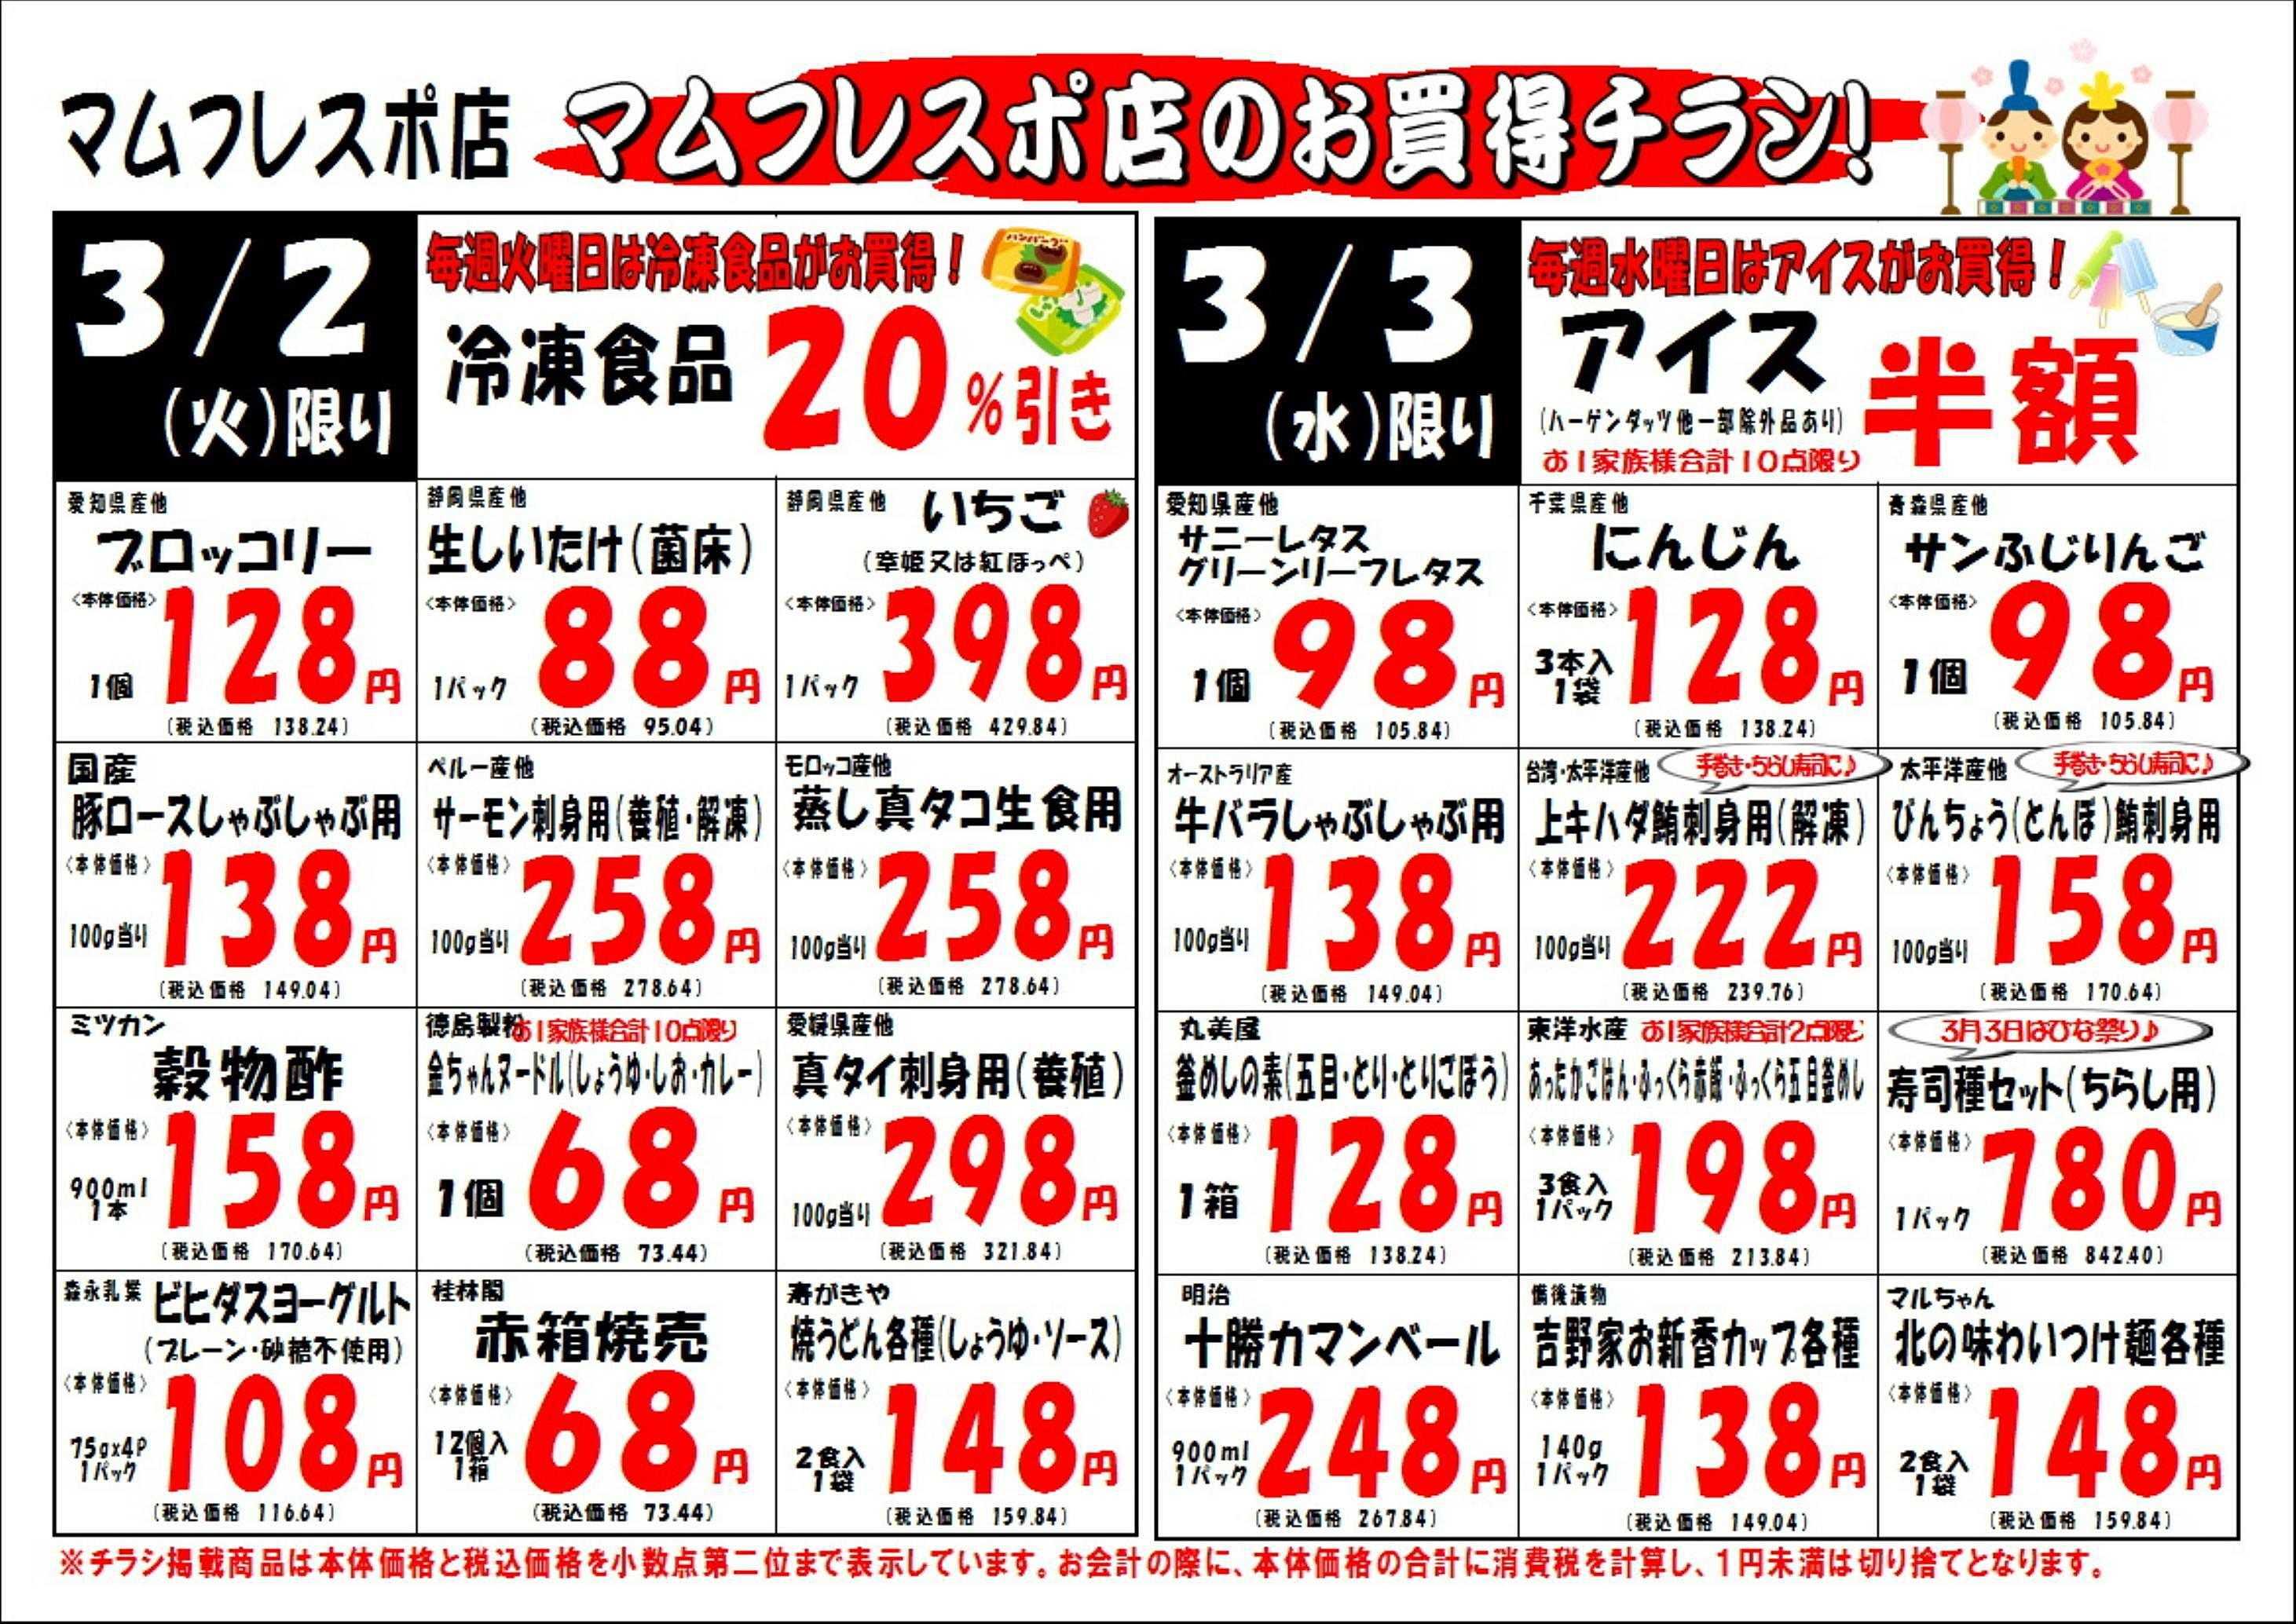 フードマーケット マム フレスポ お買得チラシ 3/2~3/5